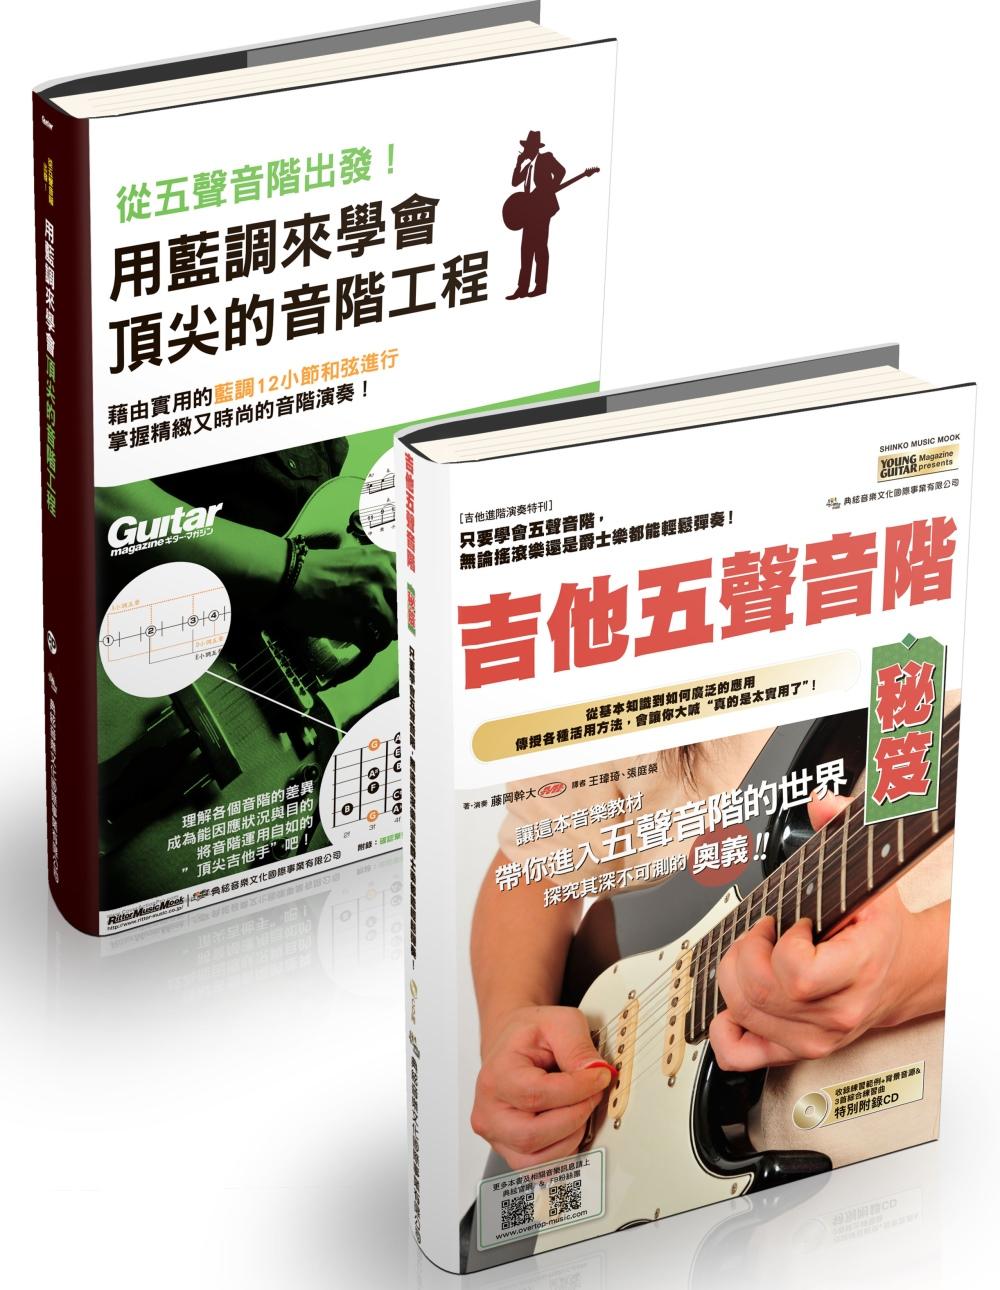 五聲悠揚五聲音階系列(吉他五聲音階秘笈+從五聲音階出發!用藍調來學會頂尖的音階工程)